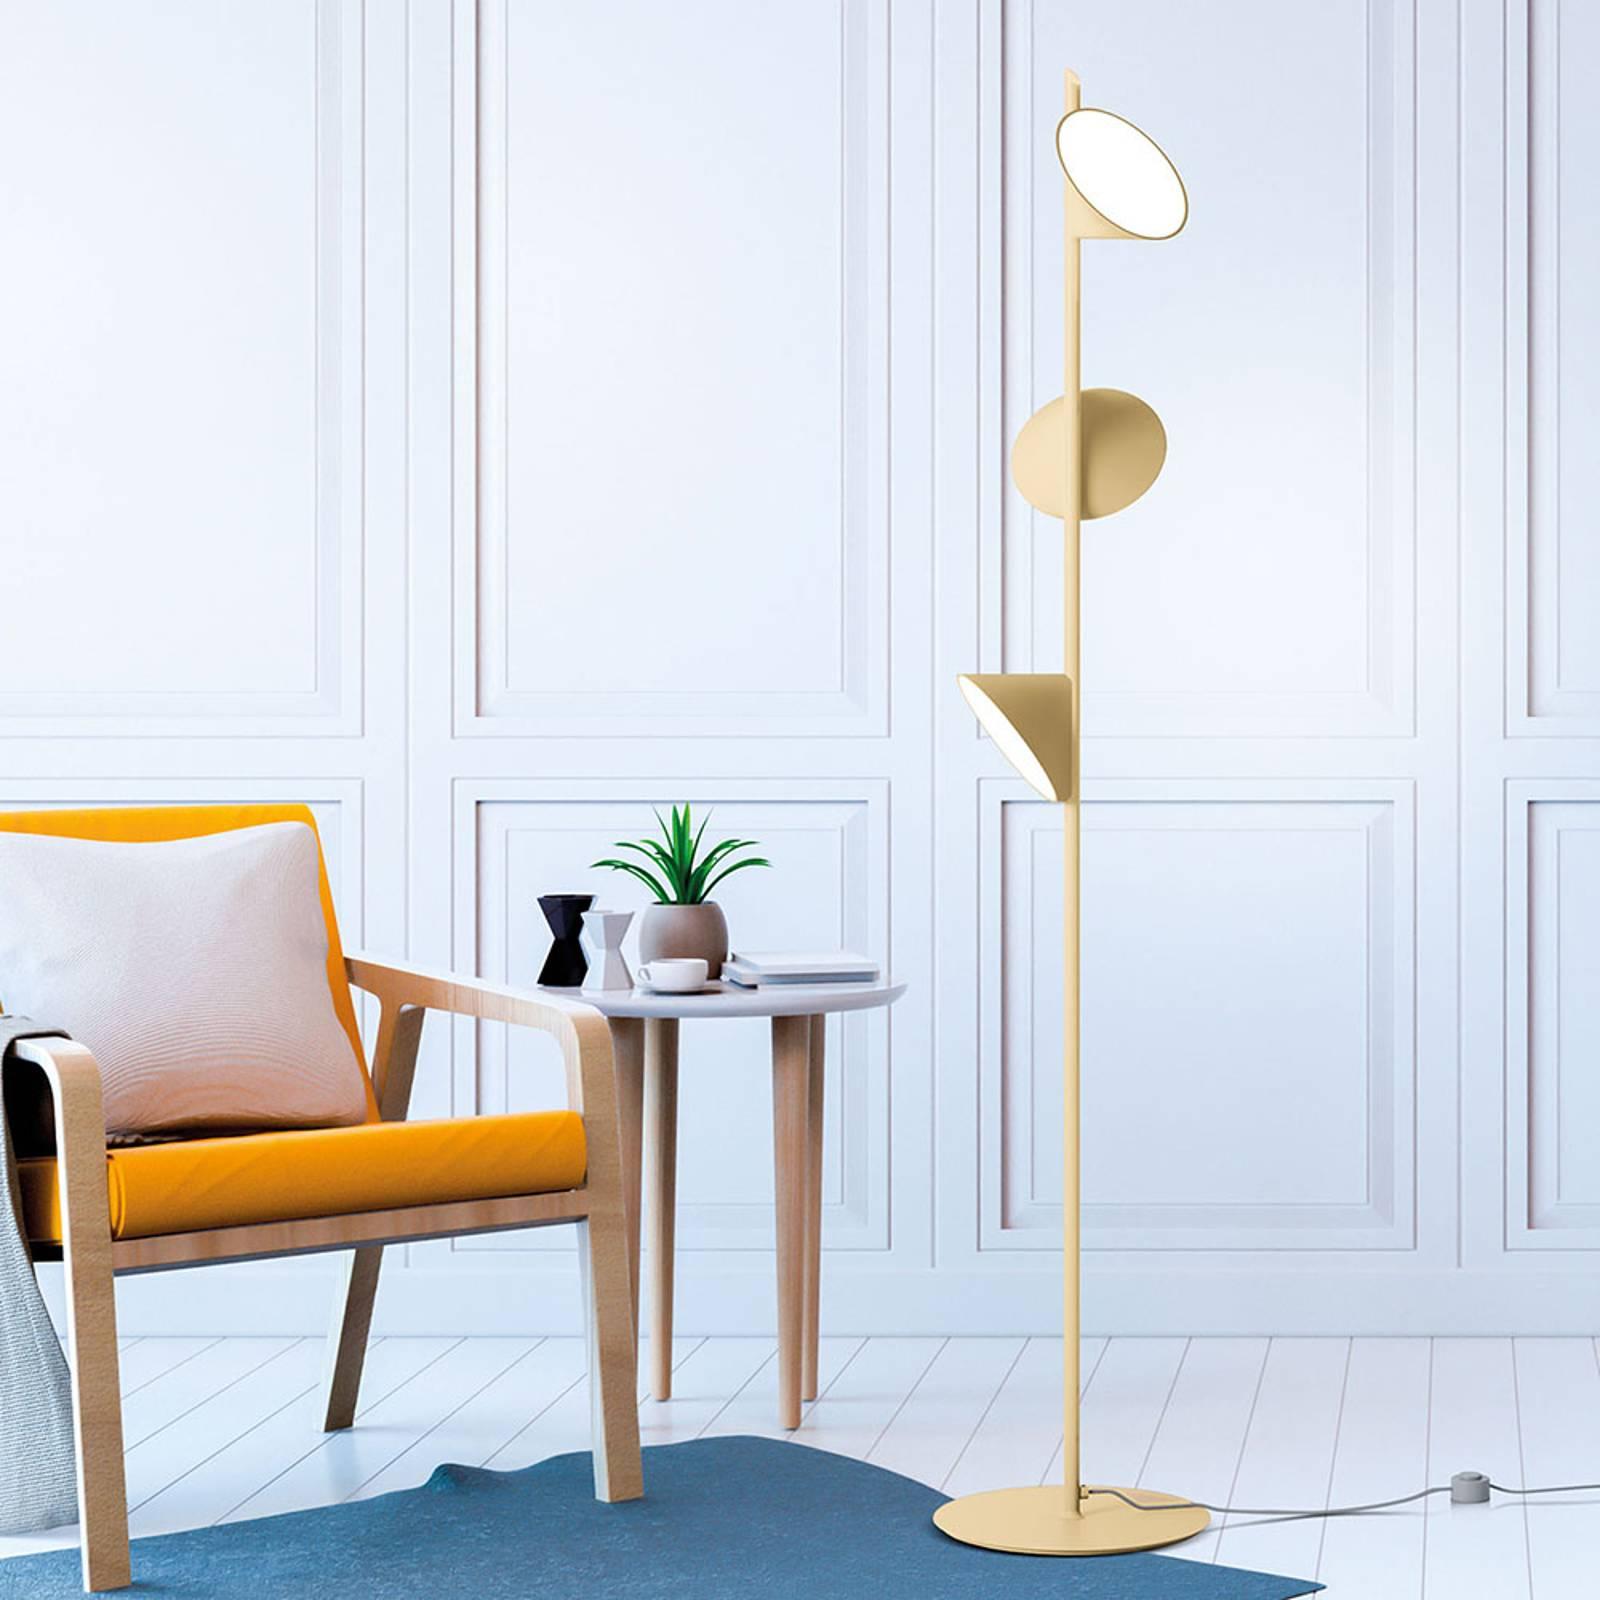 Axolight Orchid lampa stojąca LED, piaskowa